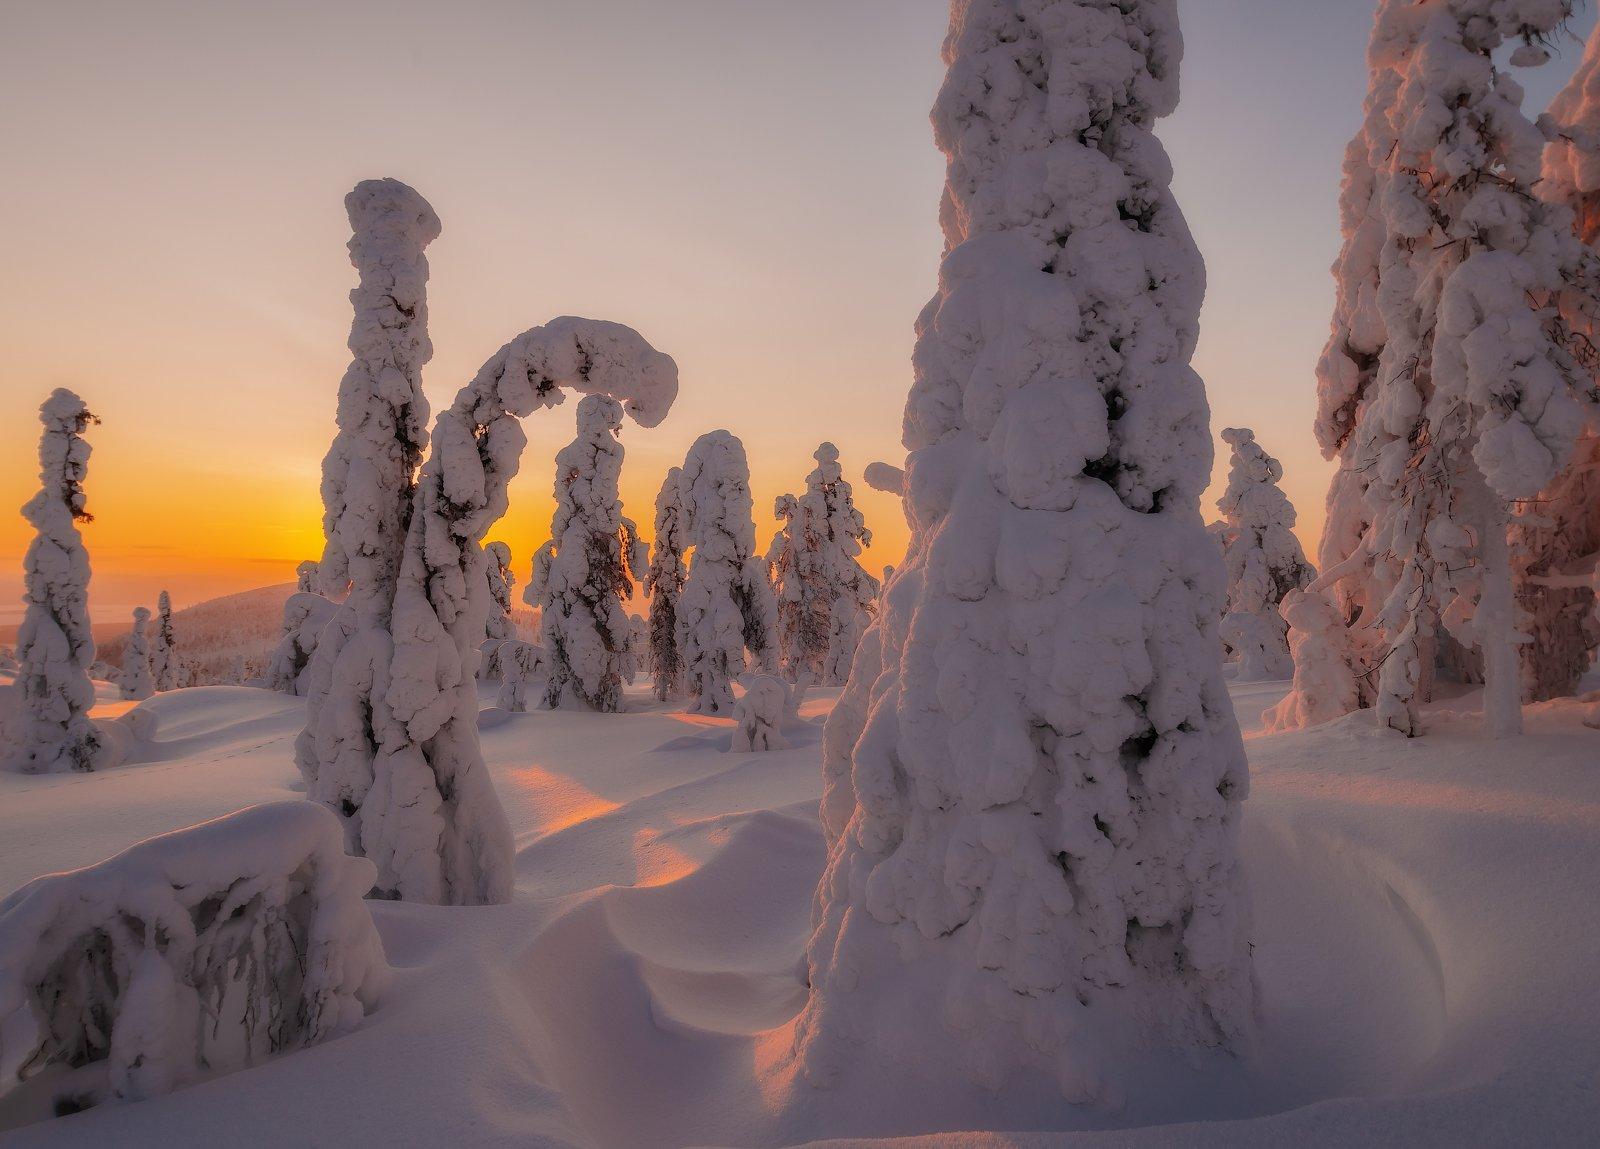 Припорошен в инее мирно дремлет лес